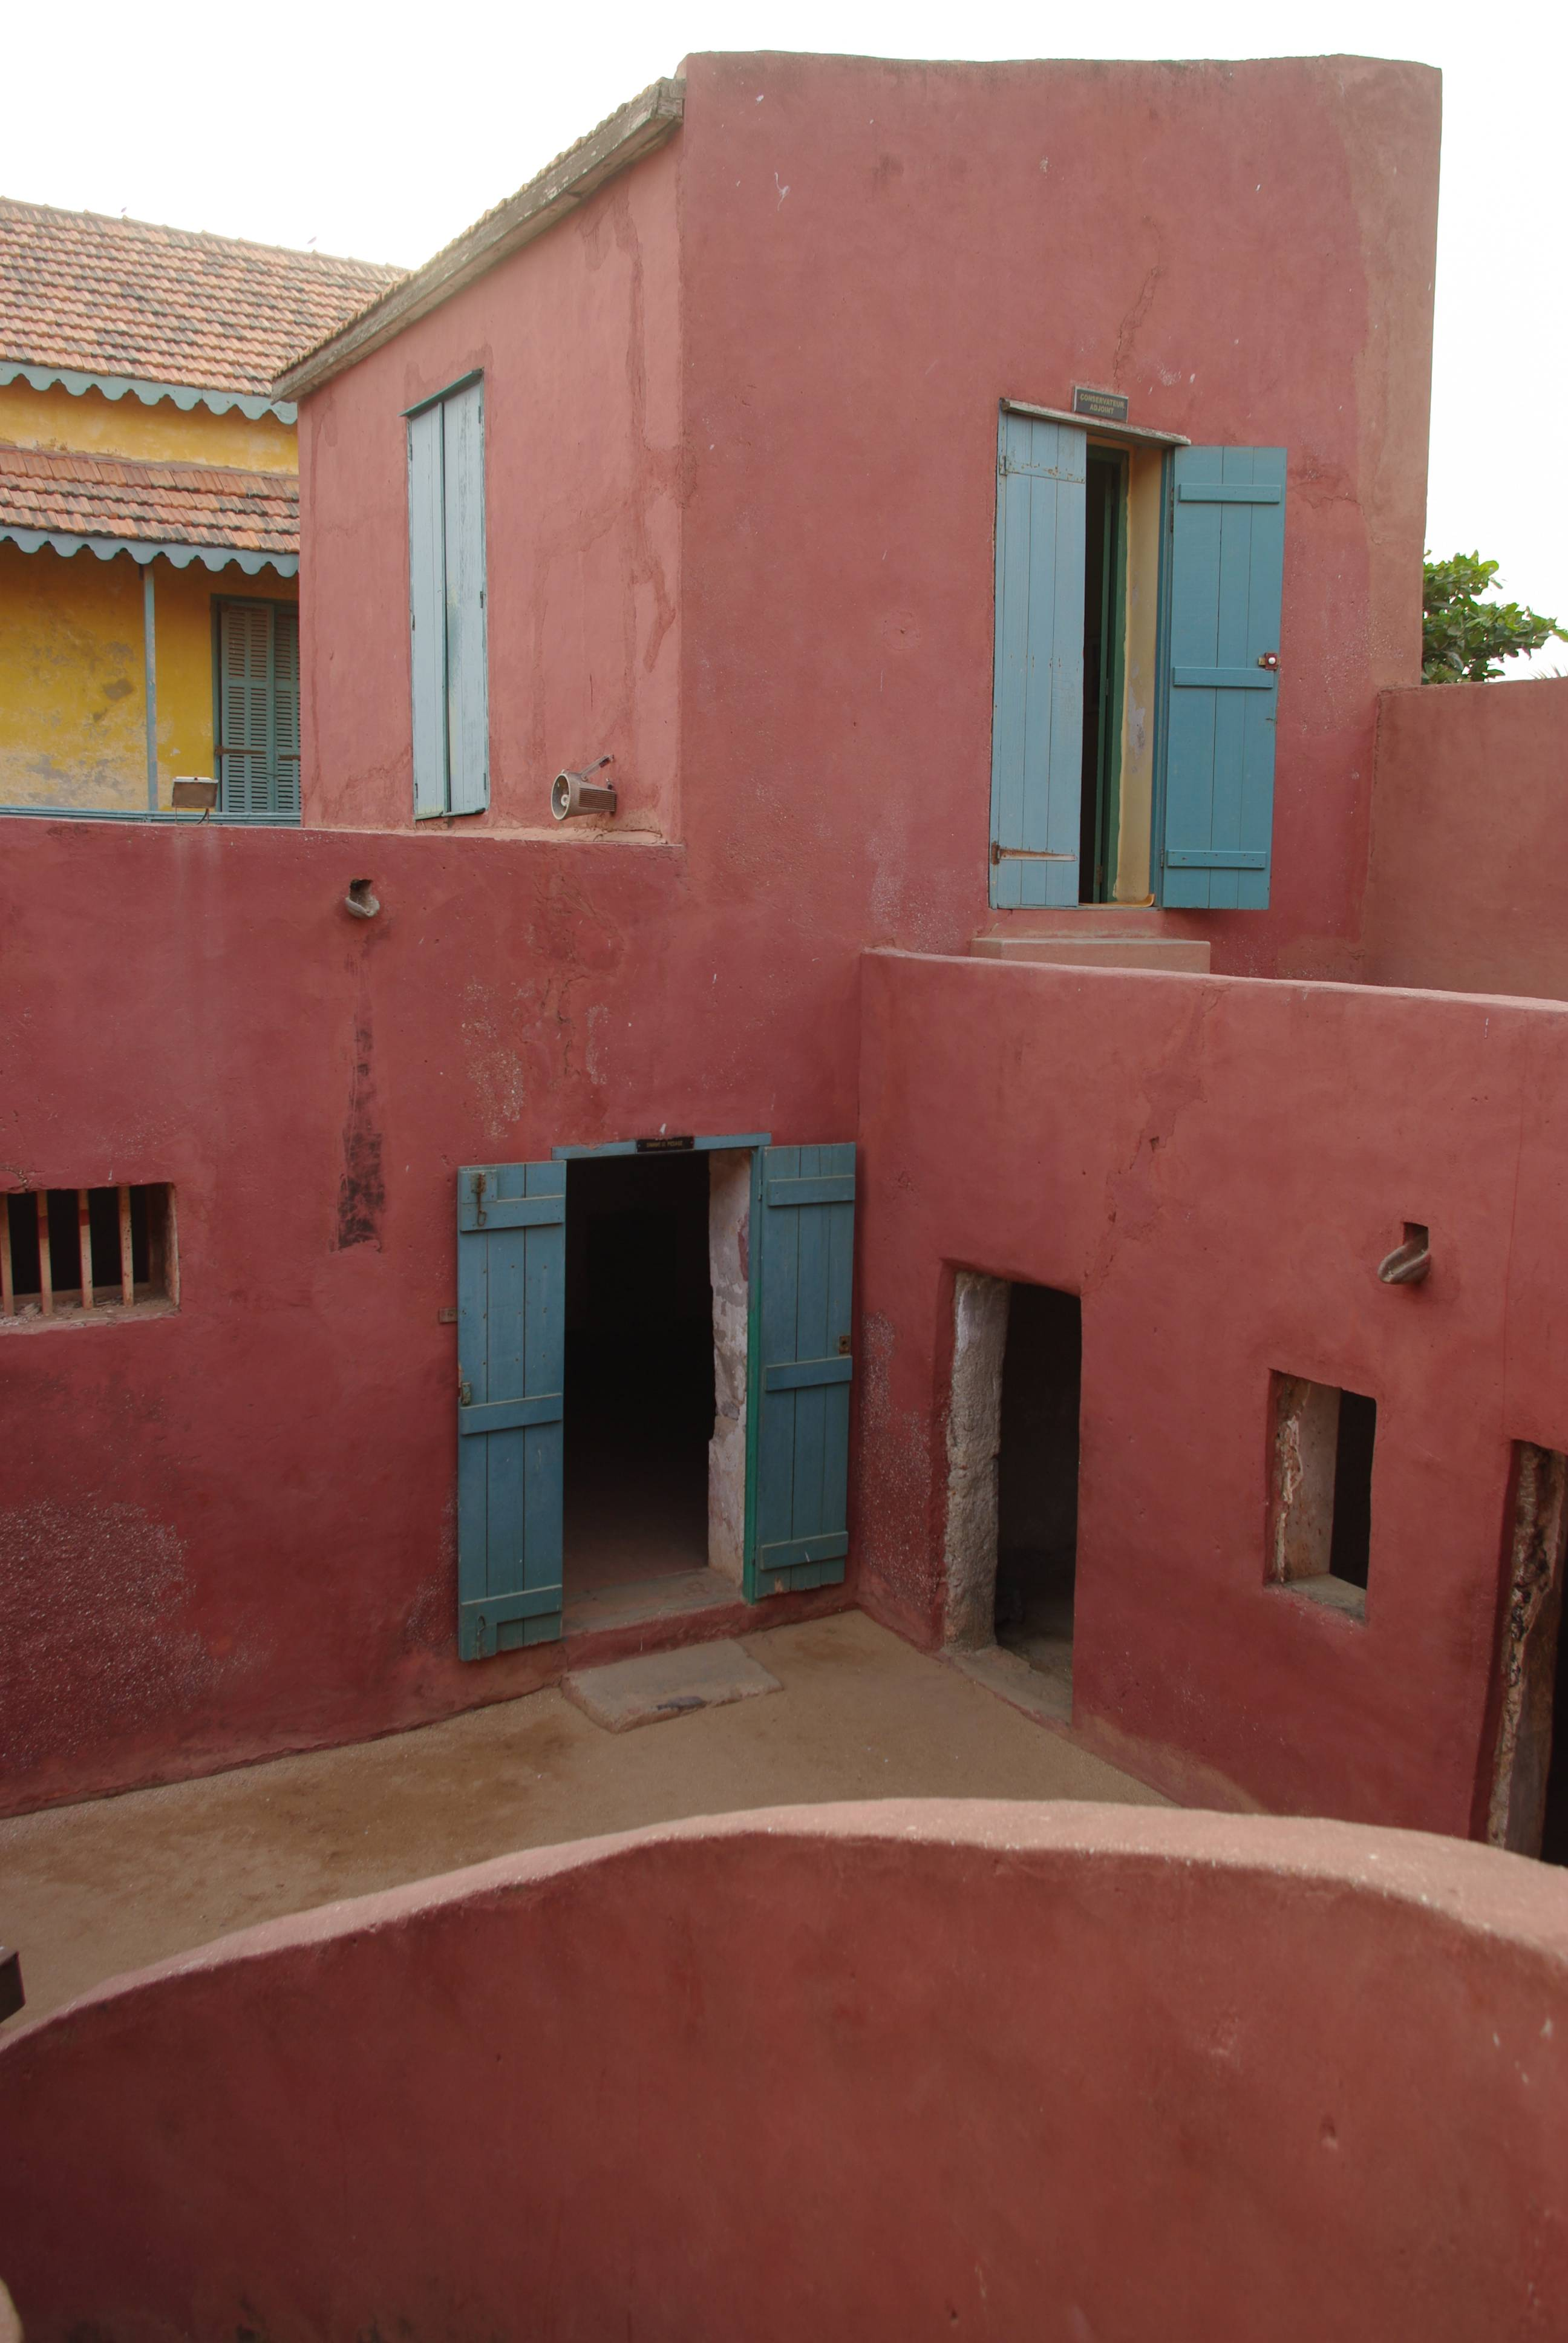 Photo 1: La maison des esclaves